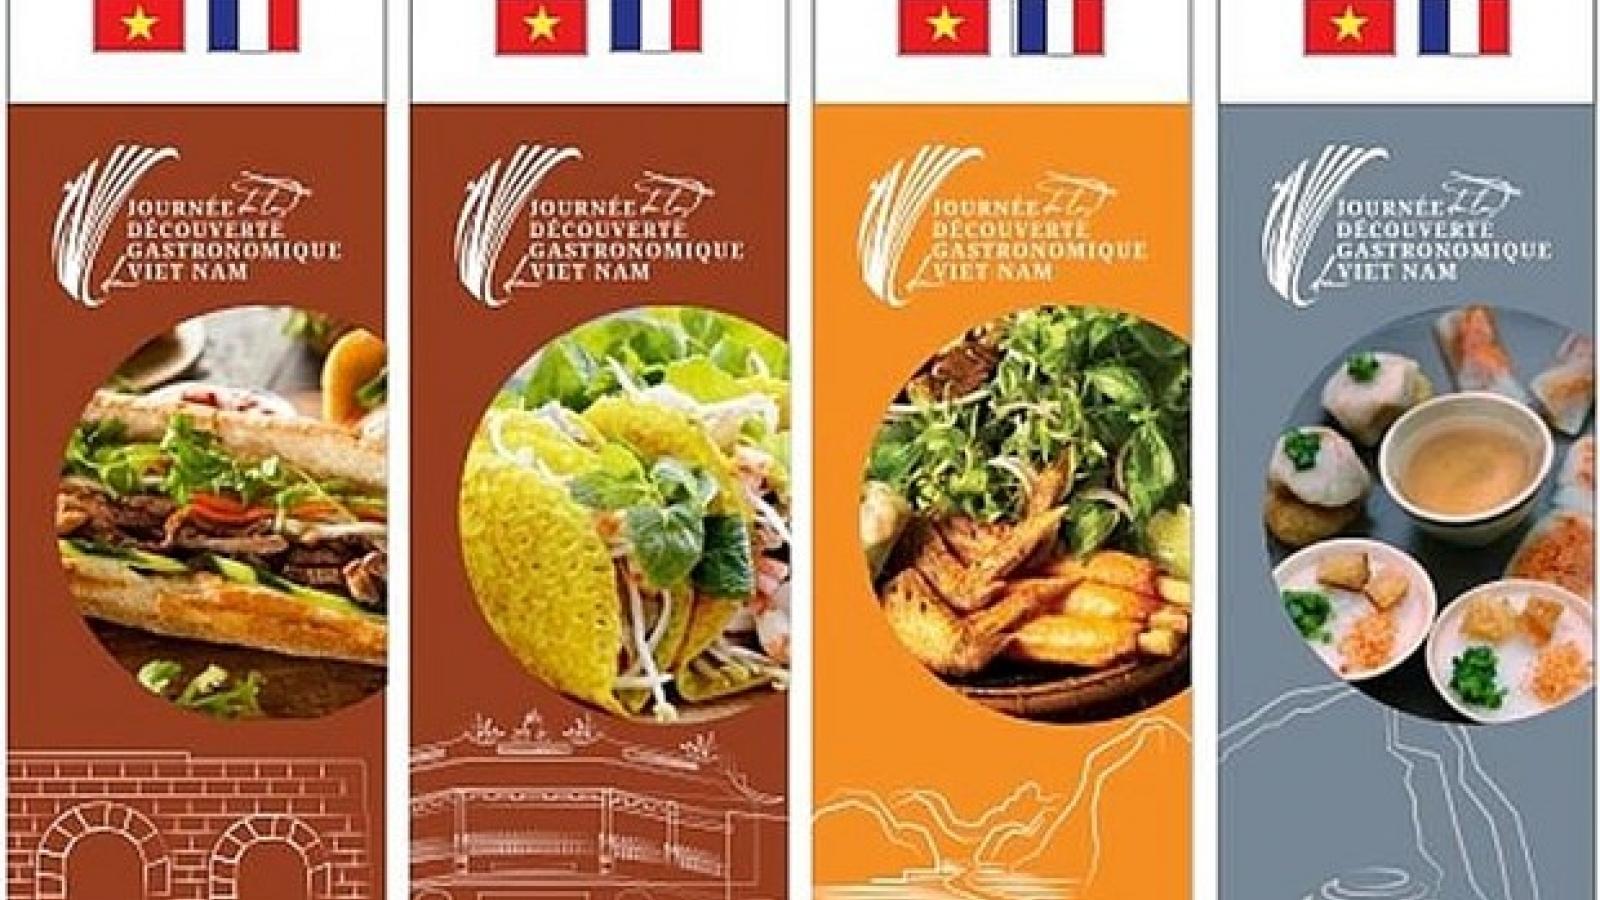 Vietnamese cuisine promoted in France's Argelès-sur-Mer city